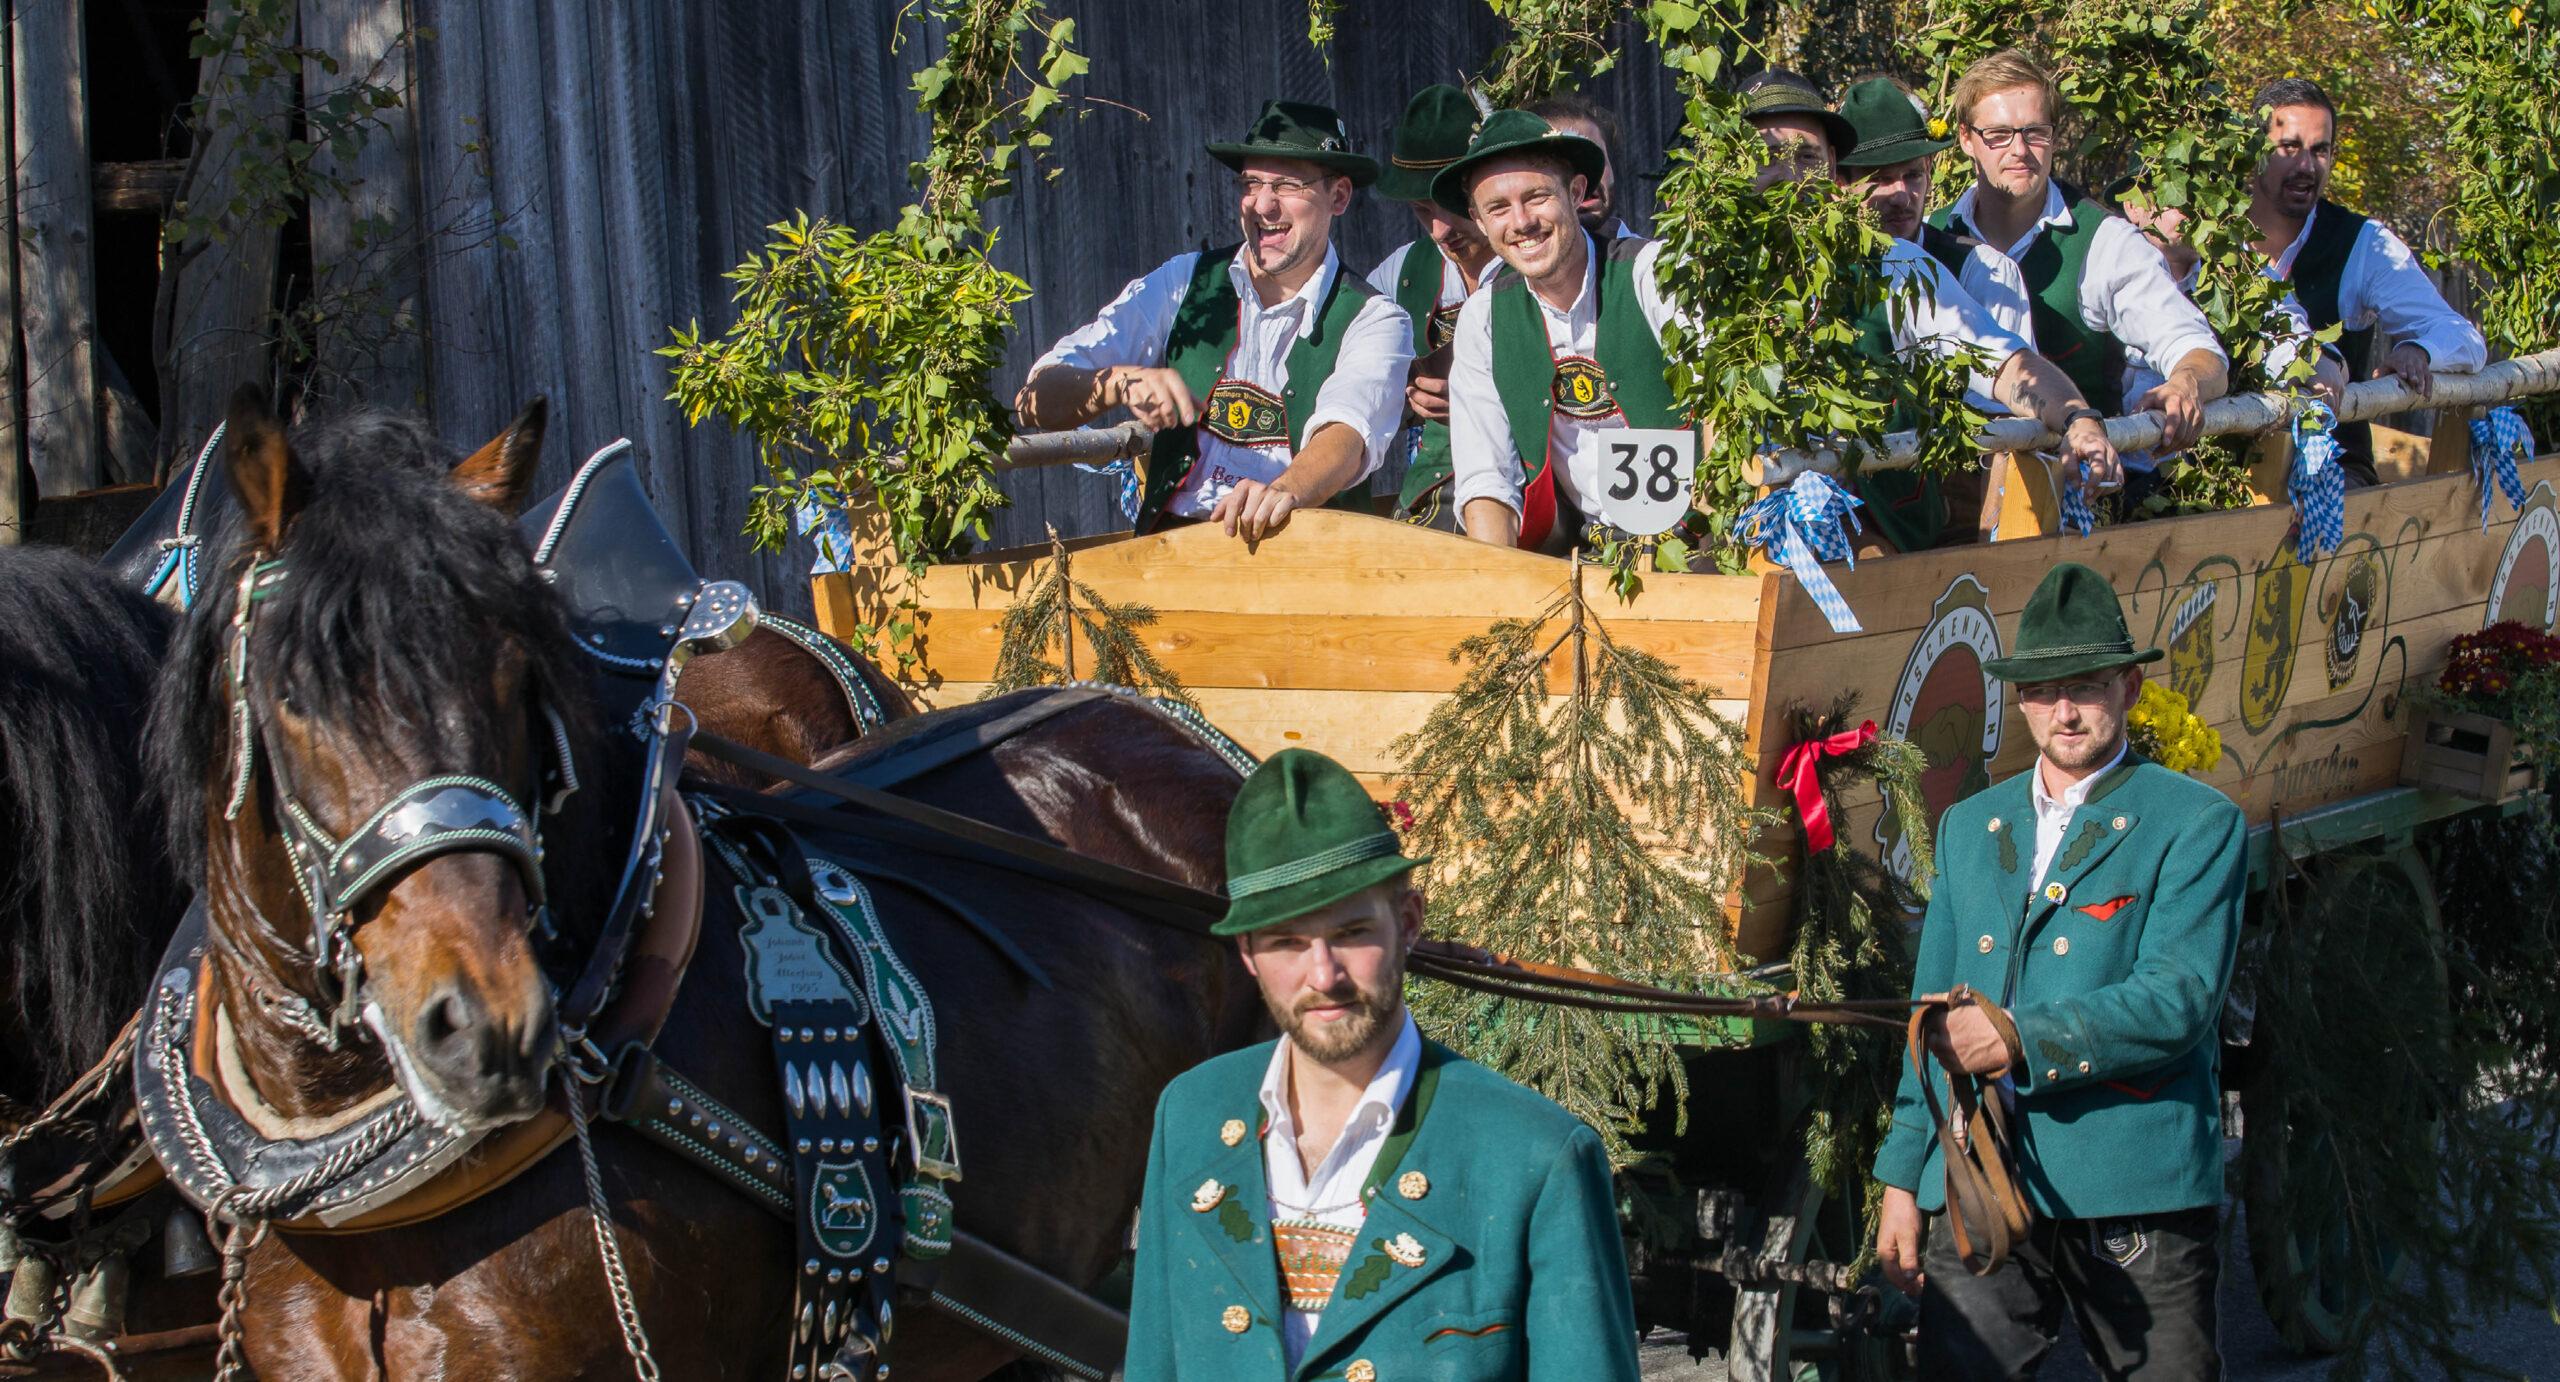 Pferdegespann mit Burschenverein Grafing bei der Leonhardifahrt Grafing gesponsert von Rothmoser